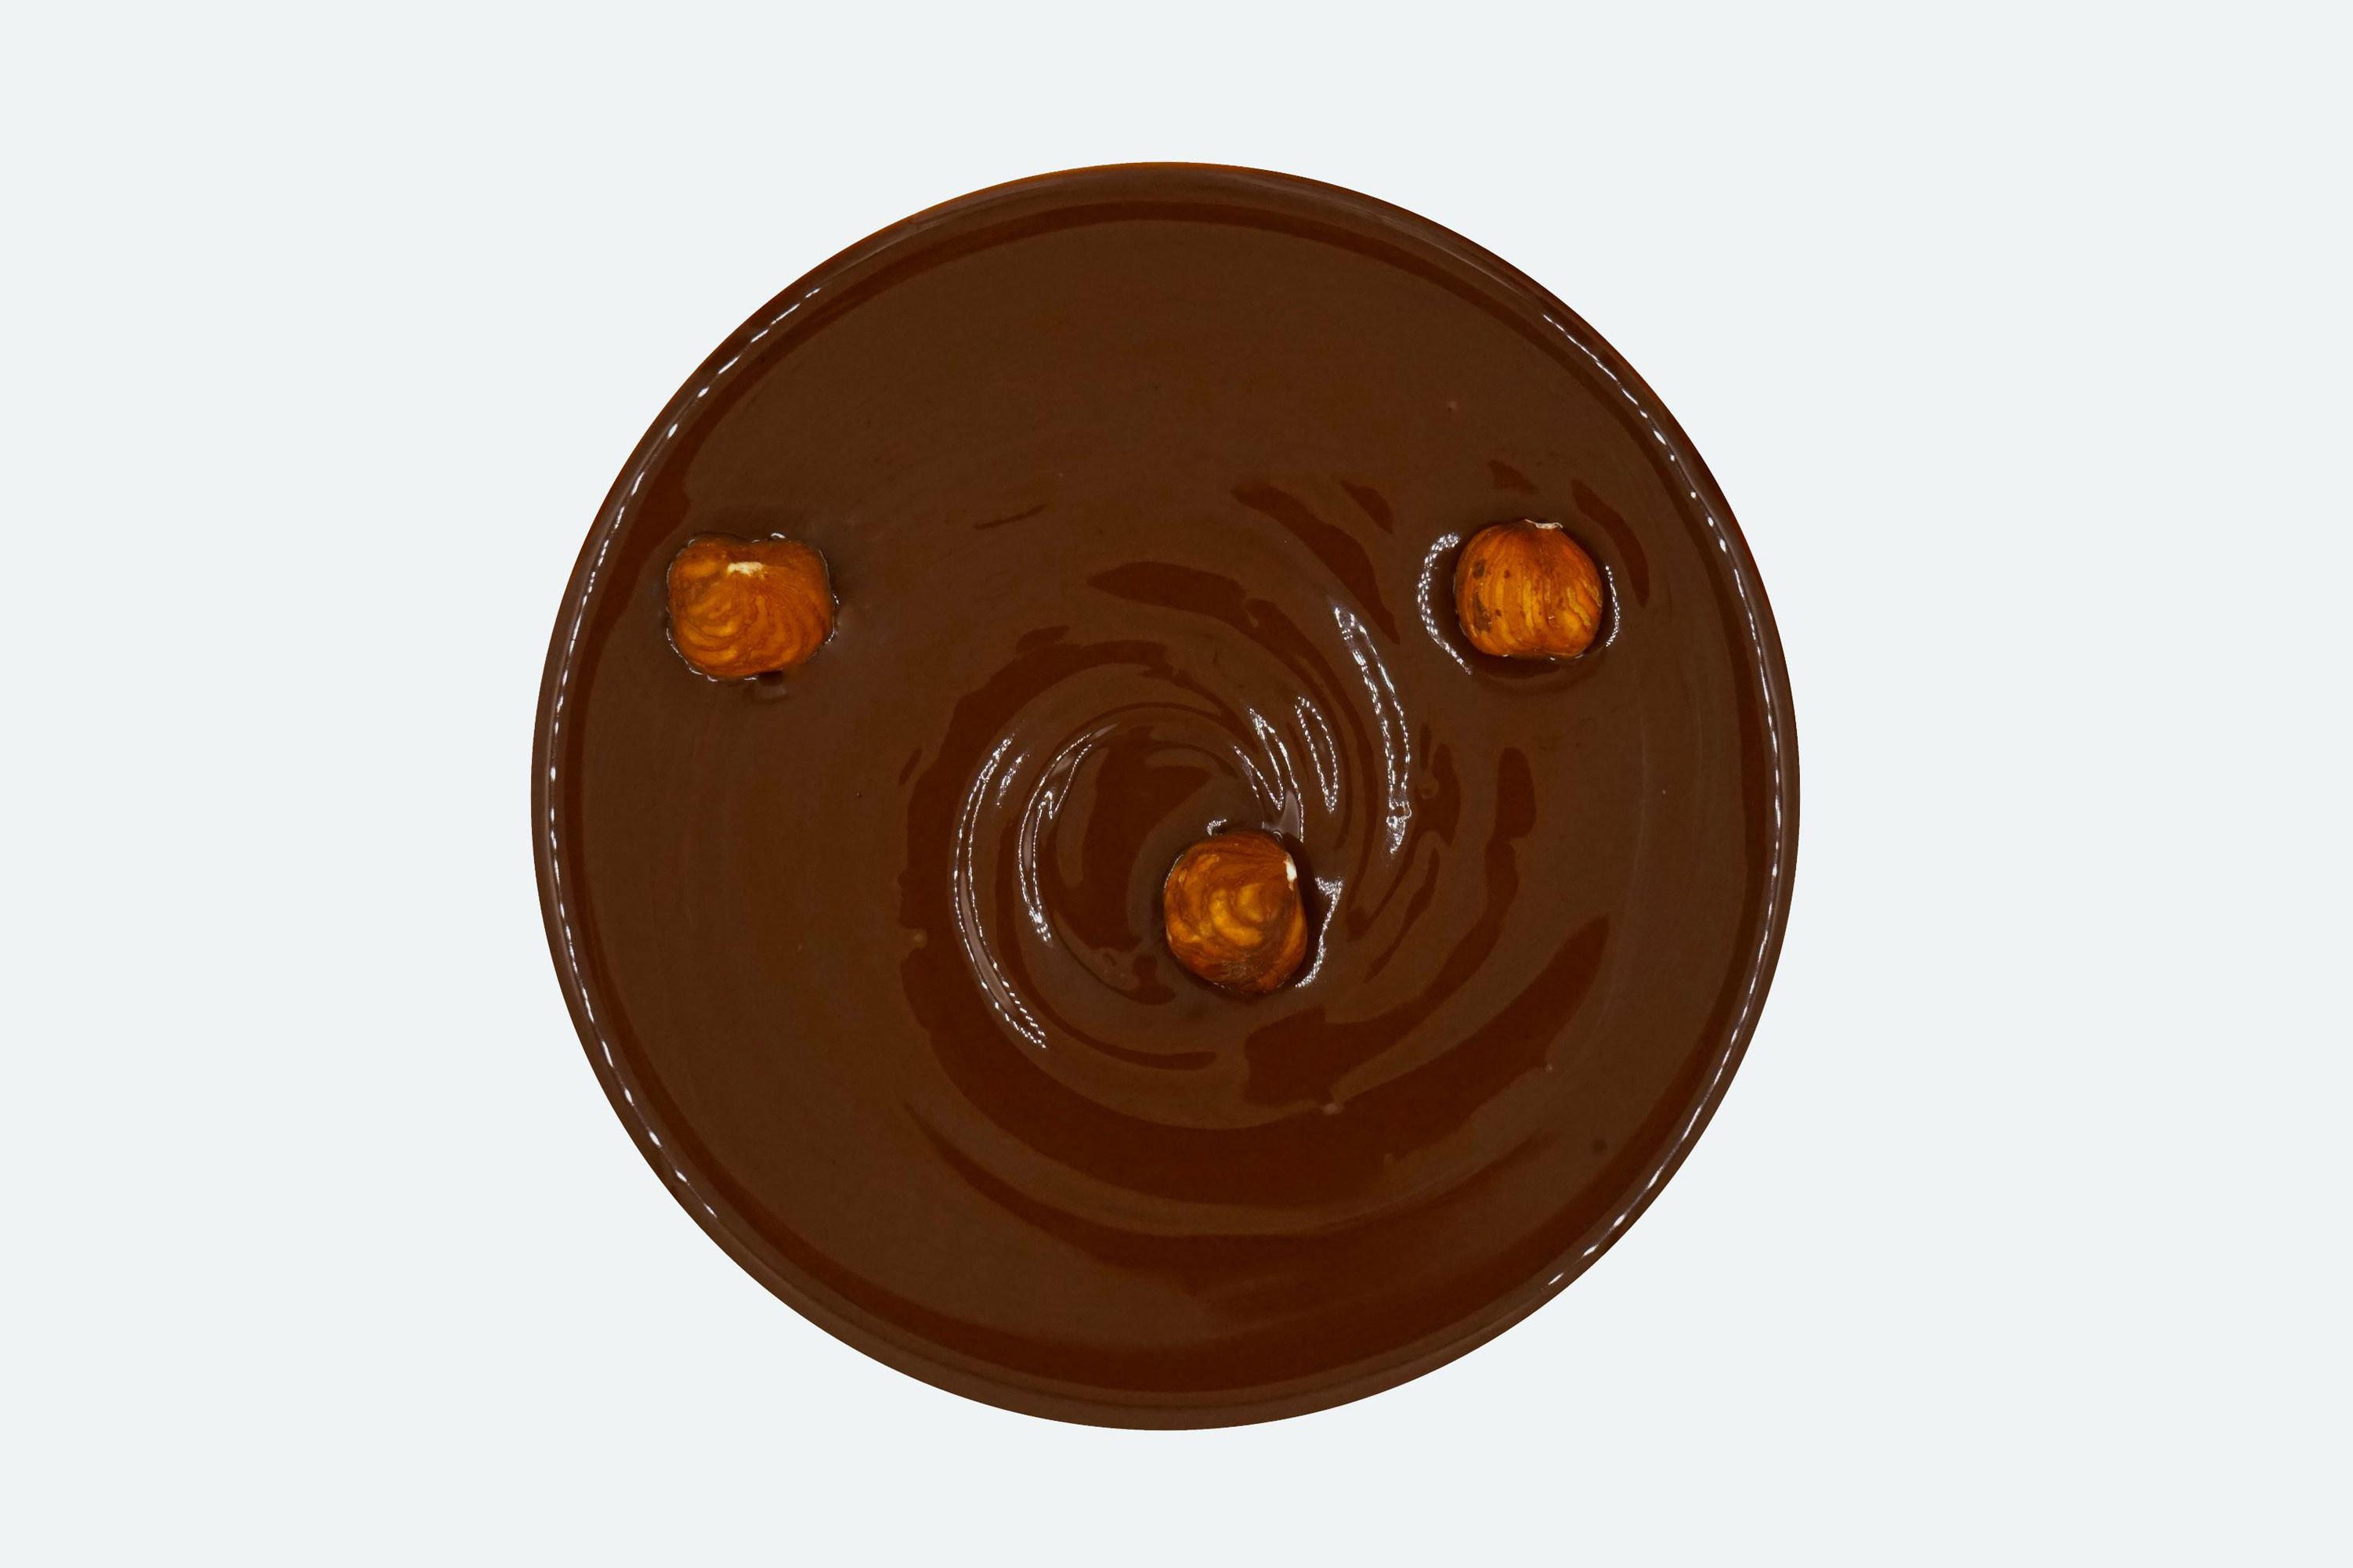 Pâte cacao, noisette 30g